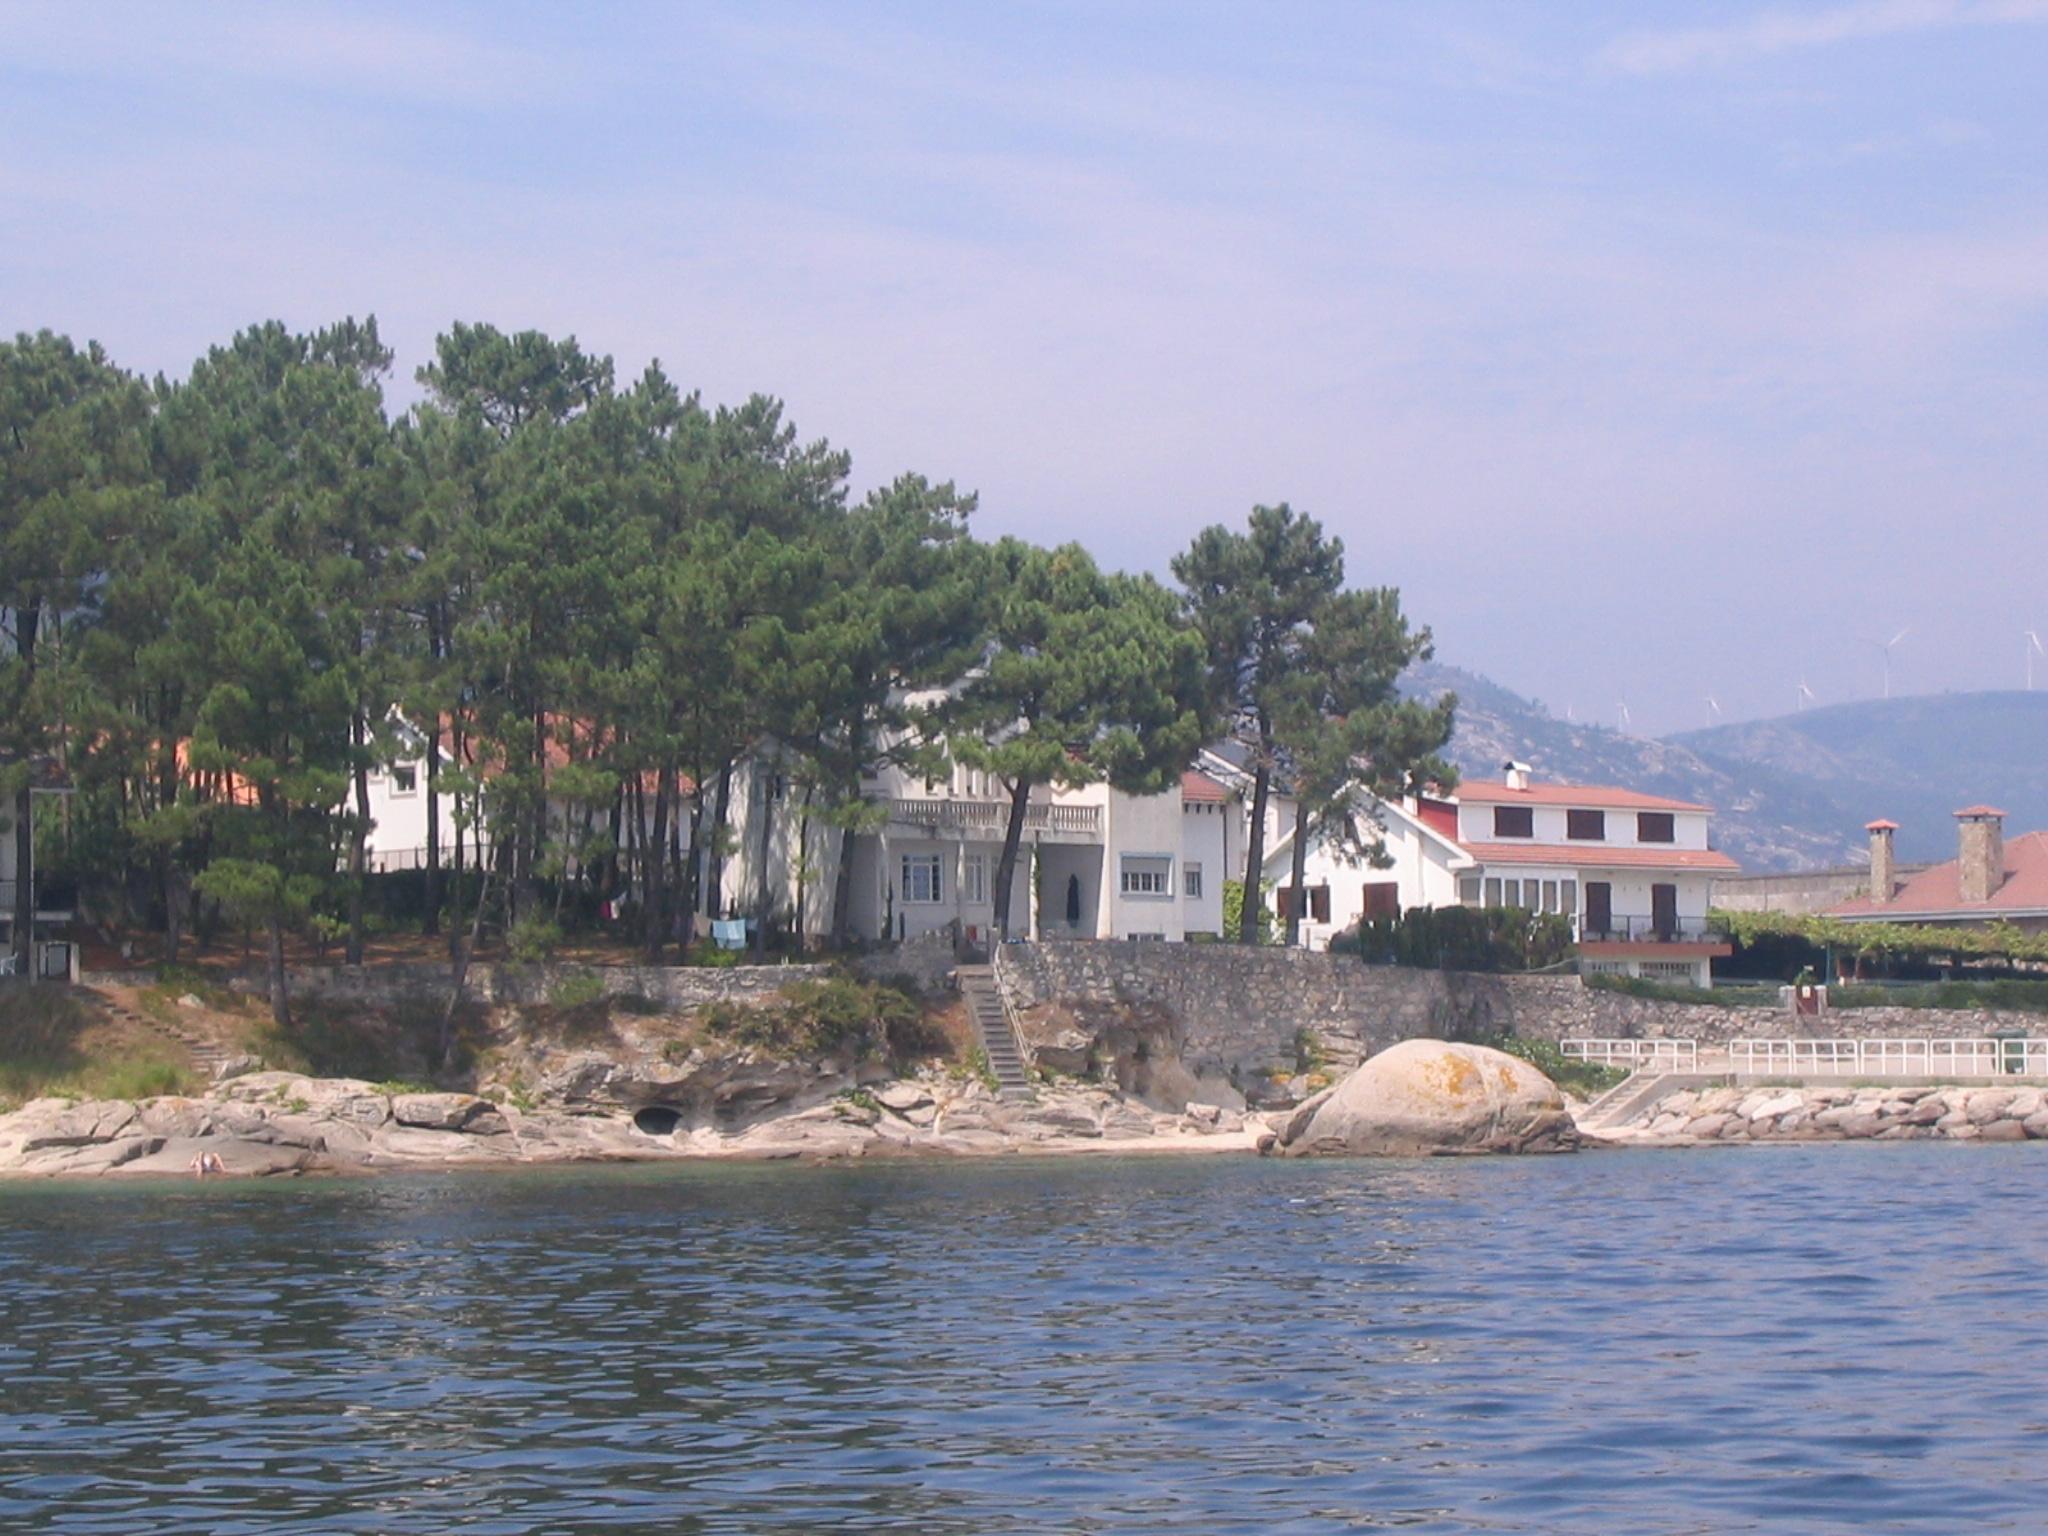 Playa Raimundo / Raimúndez